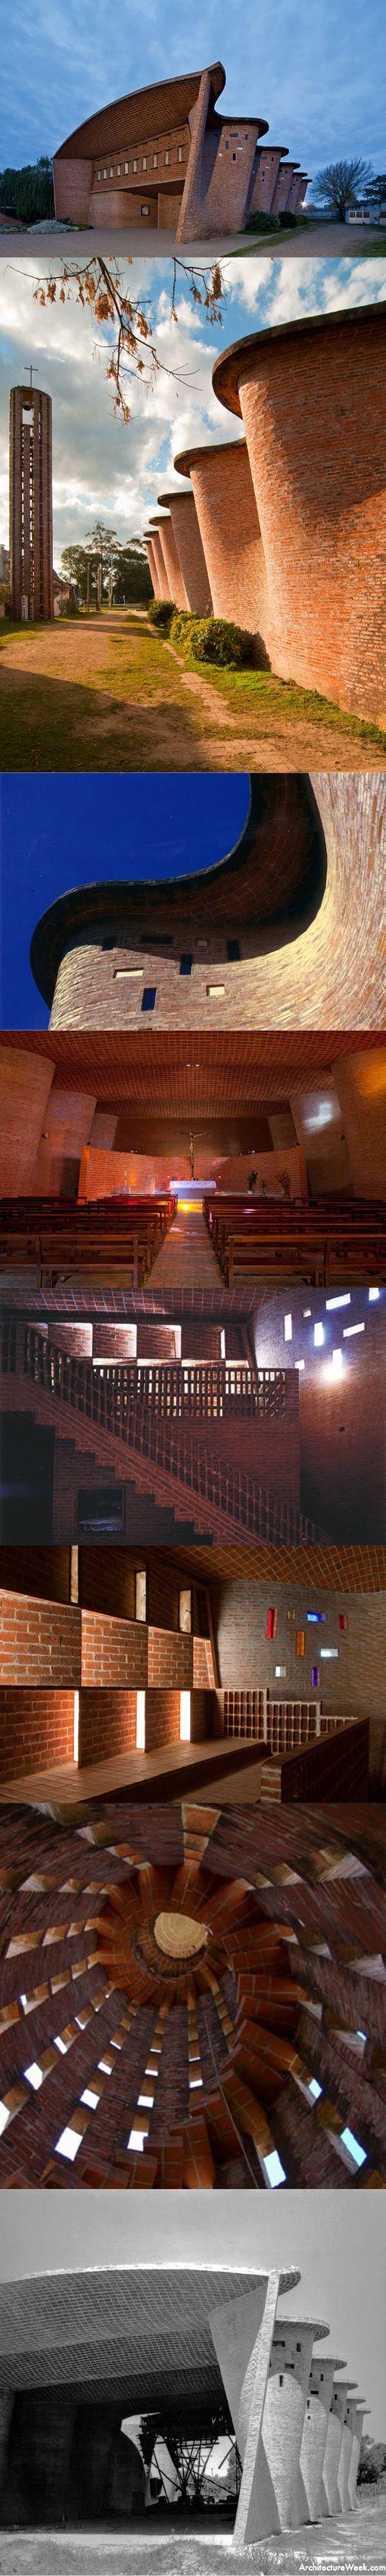 1958 Eladio Dieste - Iglesia Atlantida / Church of Christ Obrero / Uruquay / brick / religious / expressionism